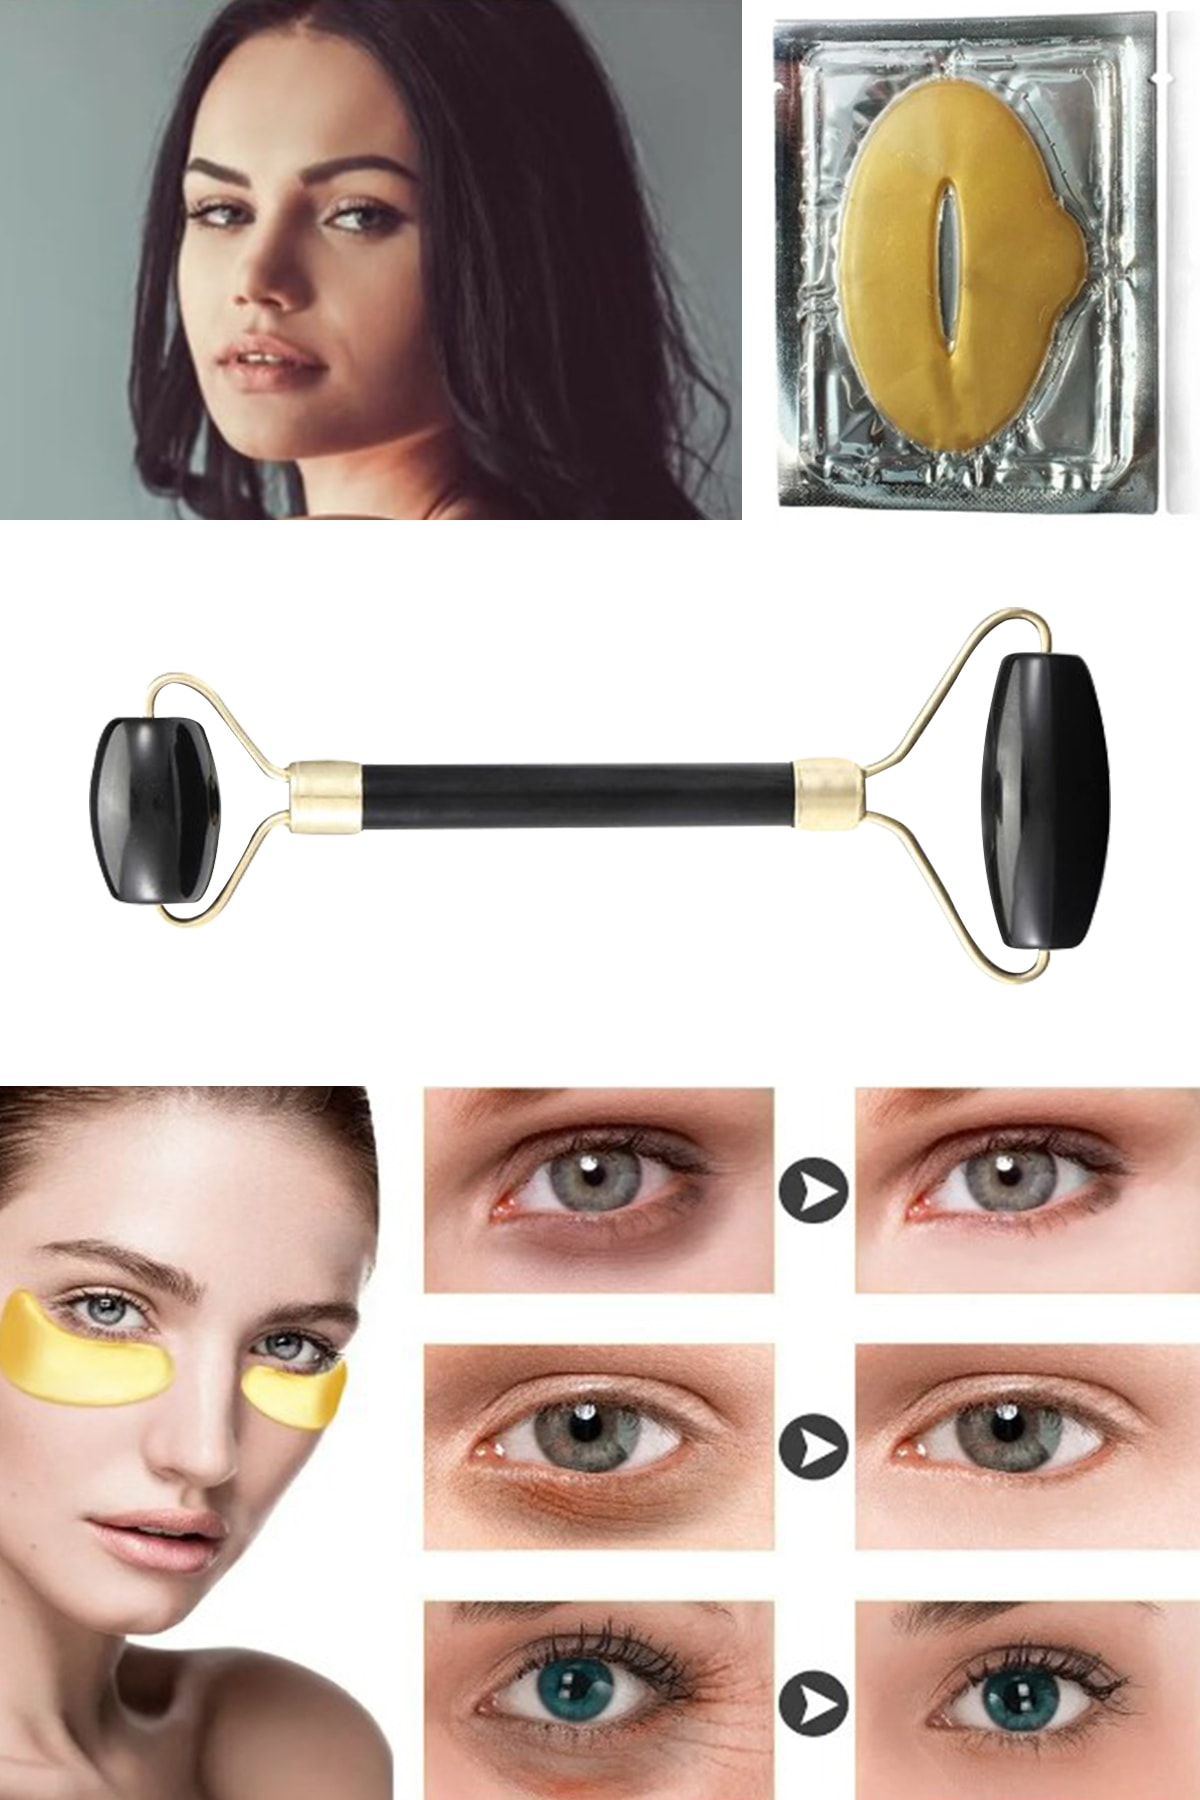 xolo Jade Roller Siyah Yeşim Taşı + Dudak Maskesi + Gözaltı Maske Kolajen 8297415579373 1